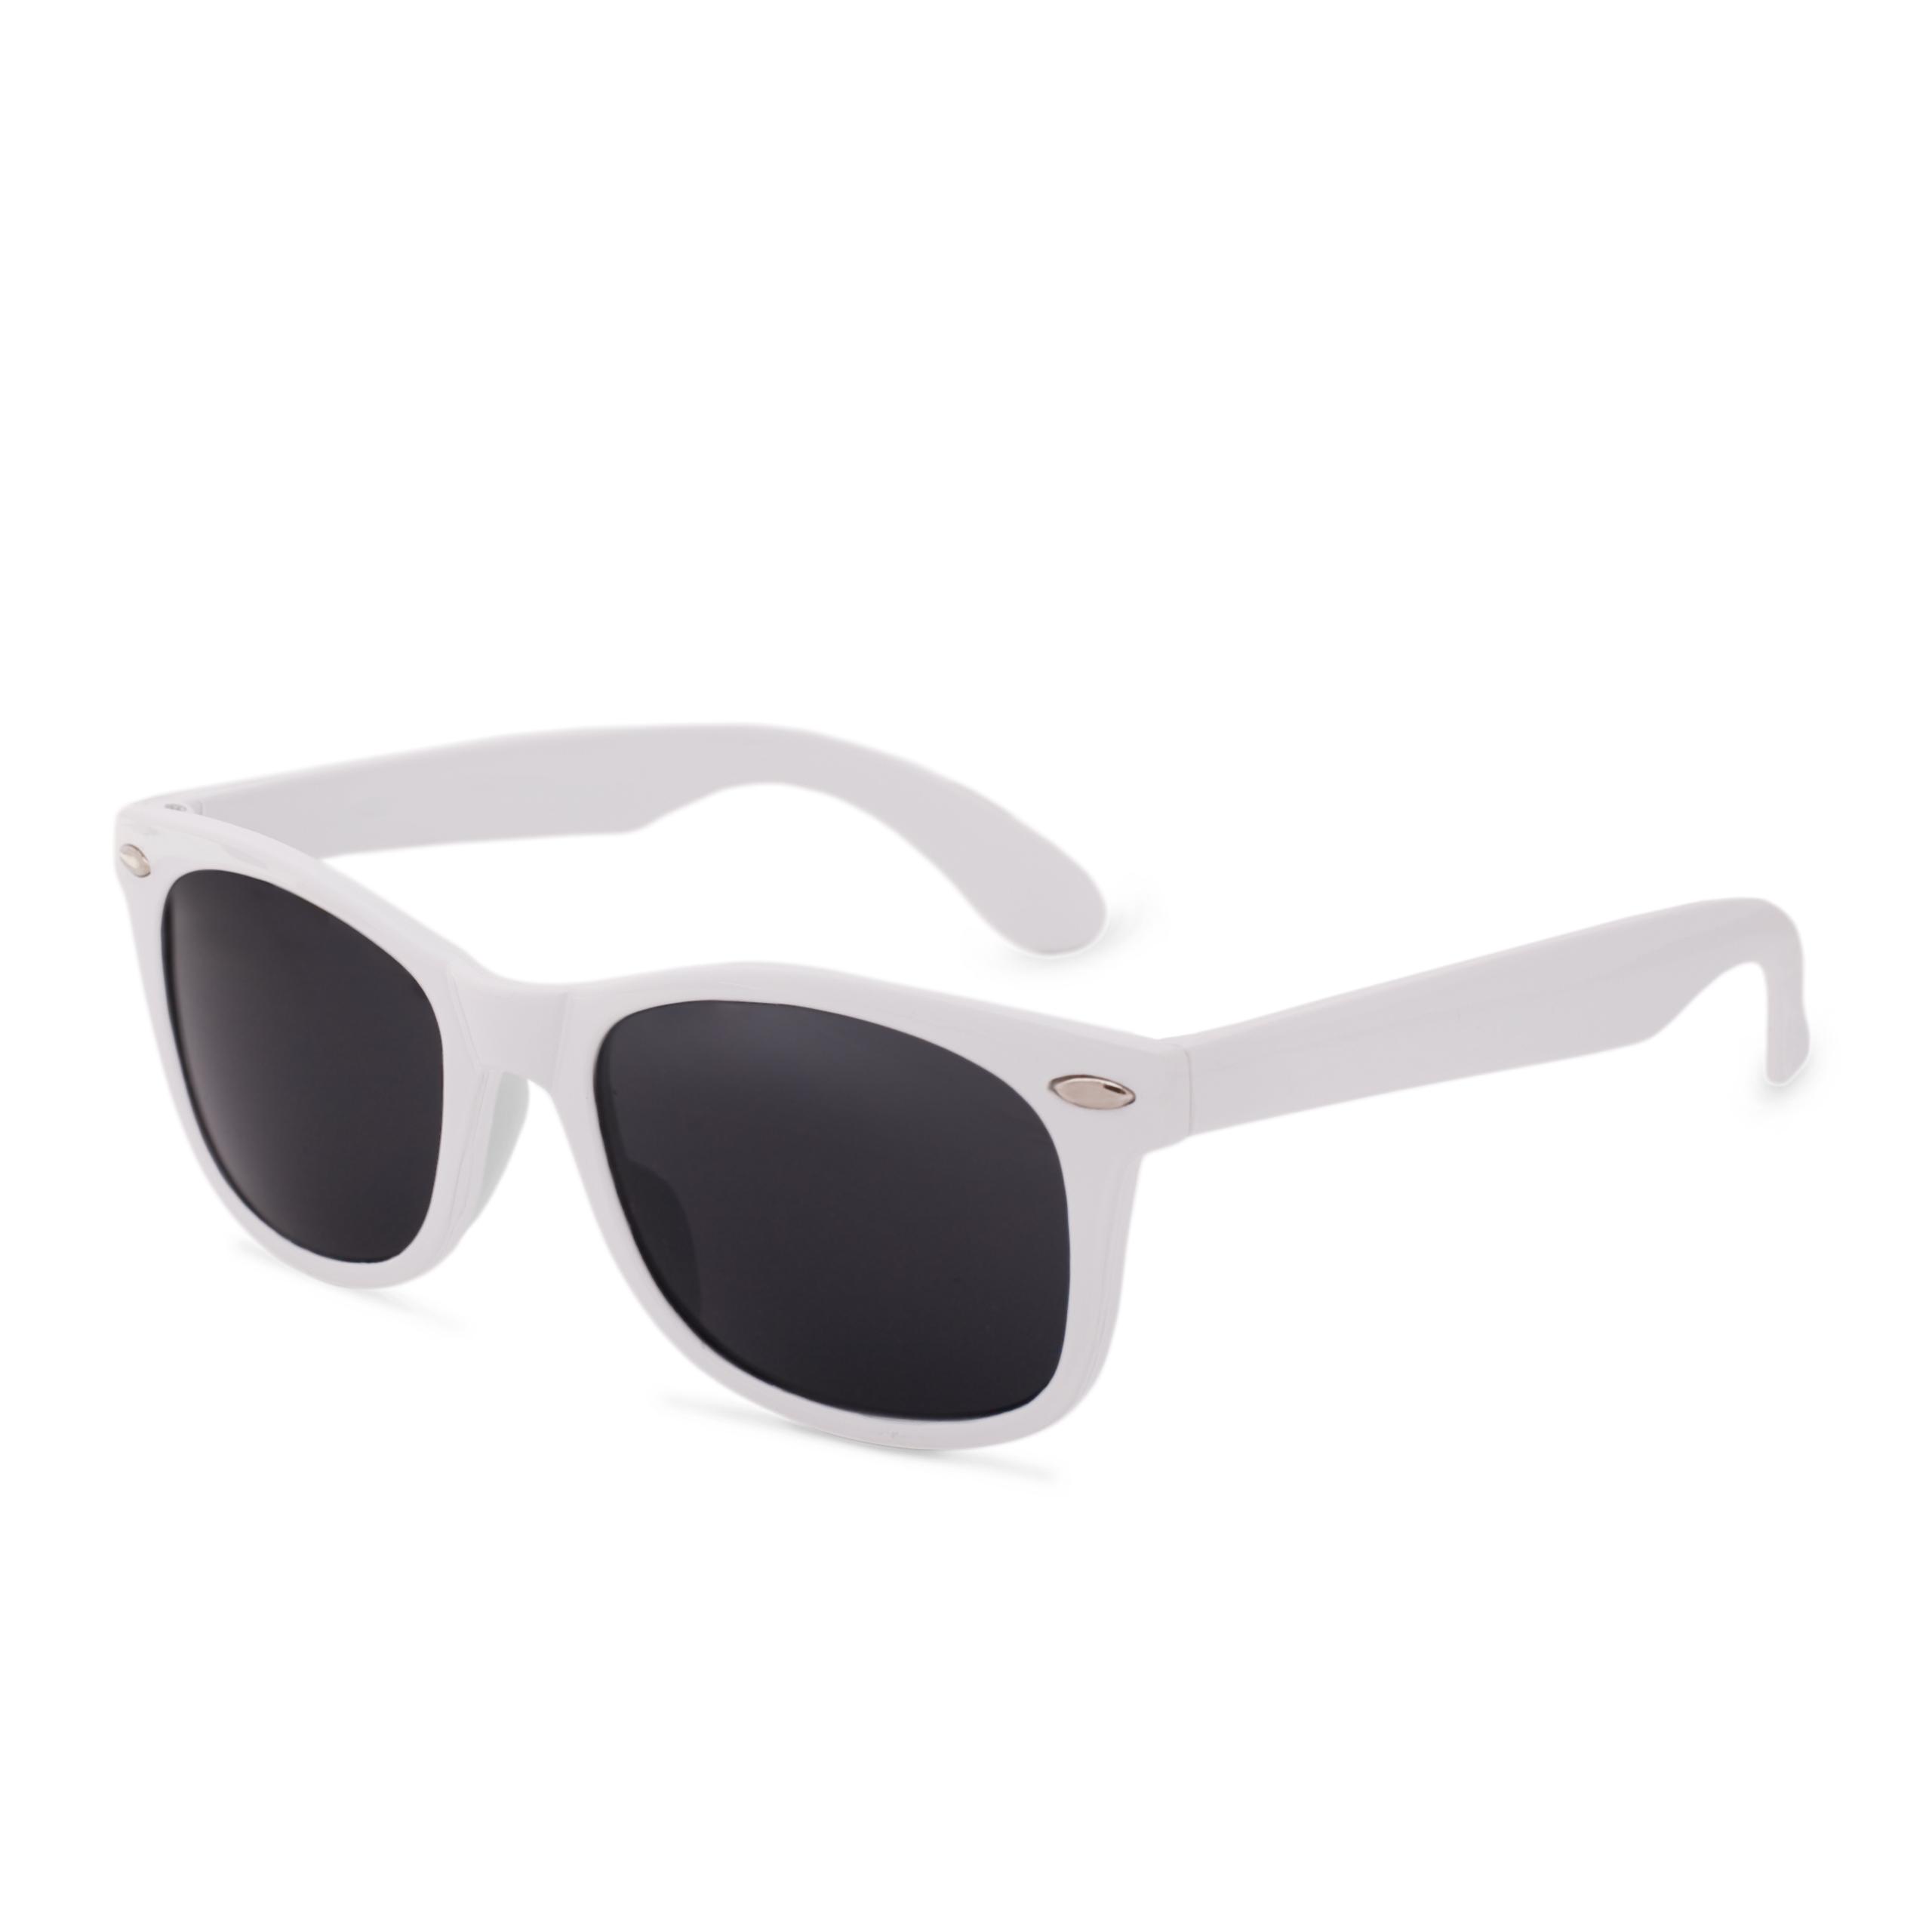 Leben Damen Sonnenbrille Weiß weiß RFHAGqV4x